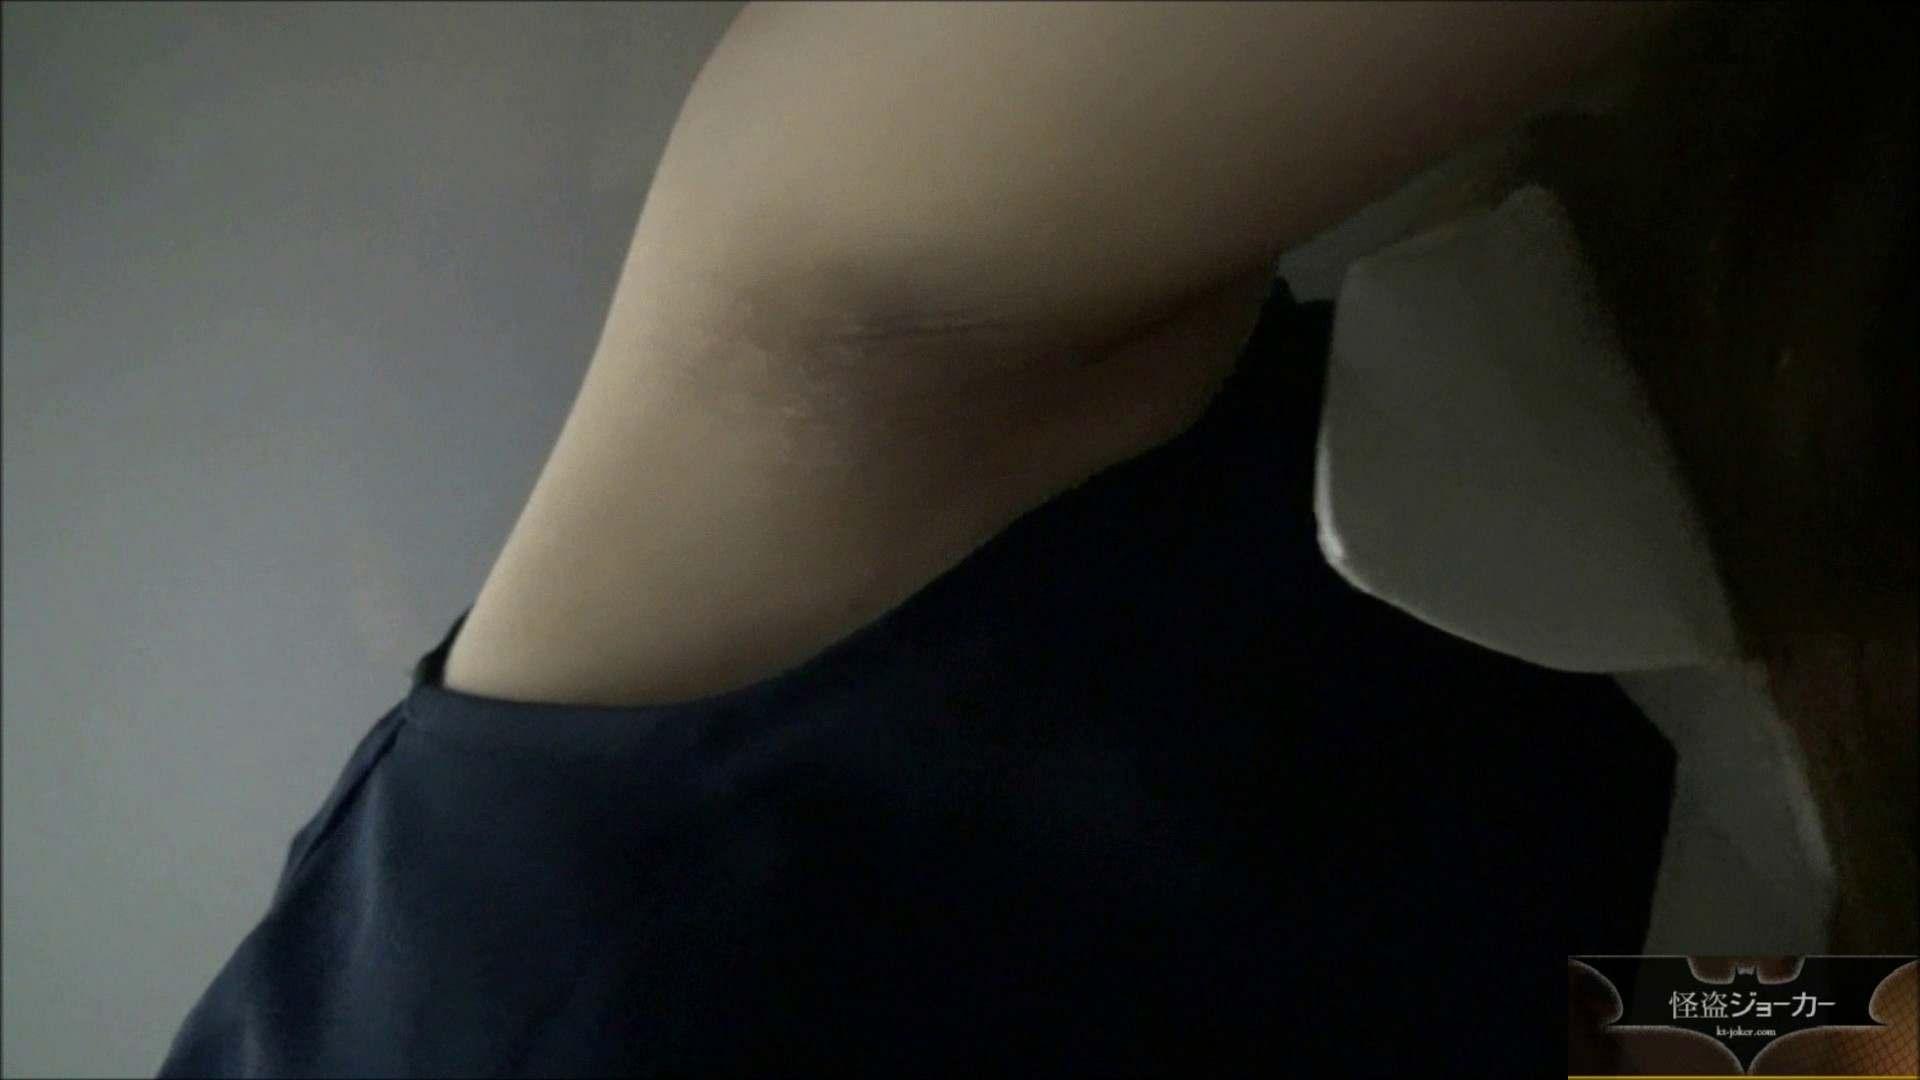 【未公開】vol.87 {茶髪美巨乳ギャル}アミちゃんのヌルヌル液w Hなキャバ嬢 おめこ無修正画像 102pic 43